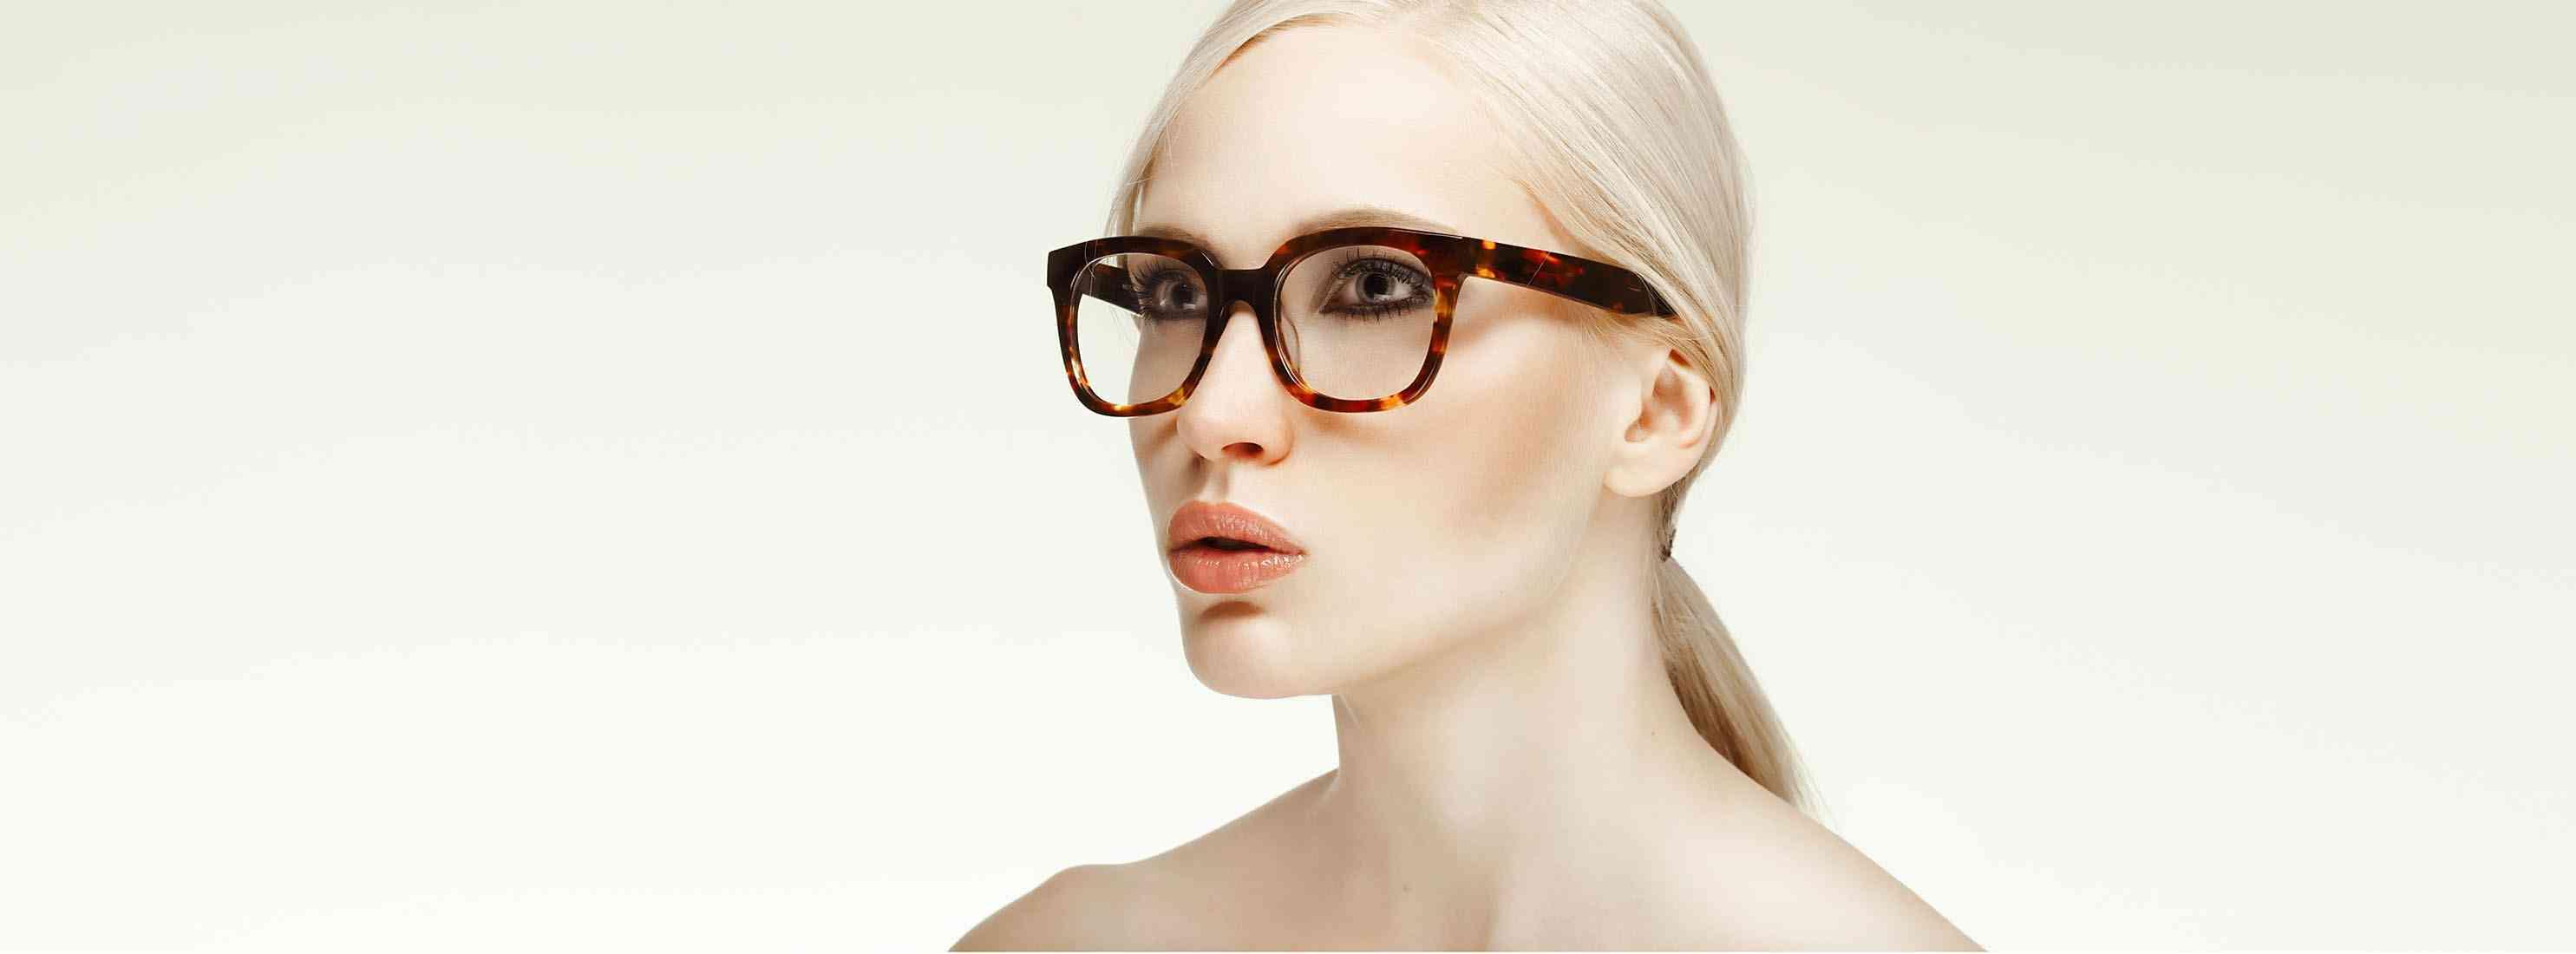 Seiko Lenses: Progressive Lenses